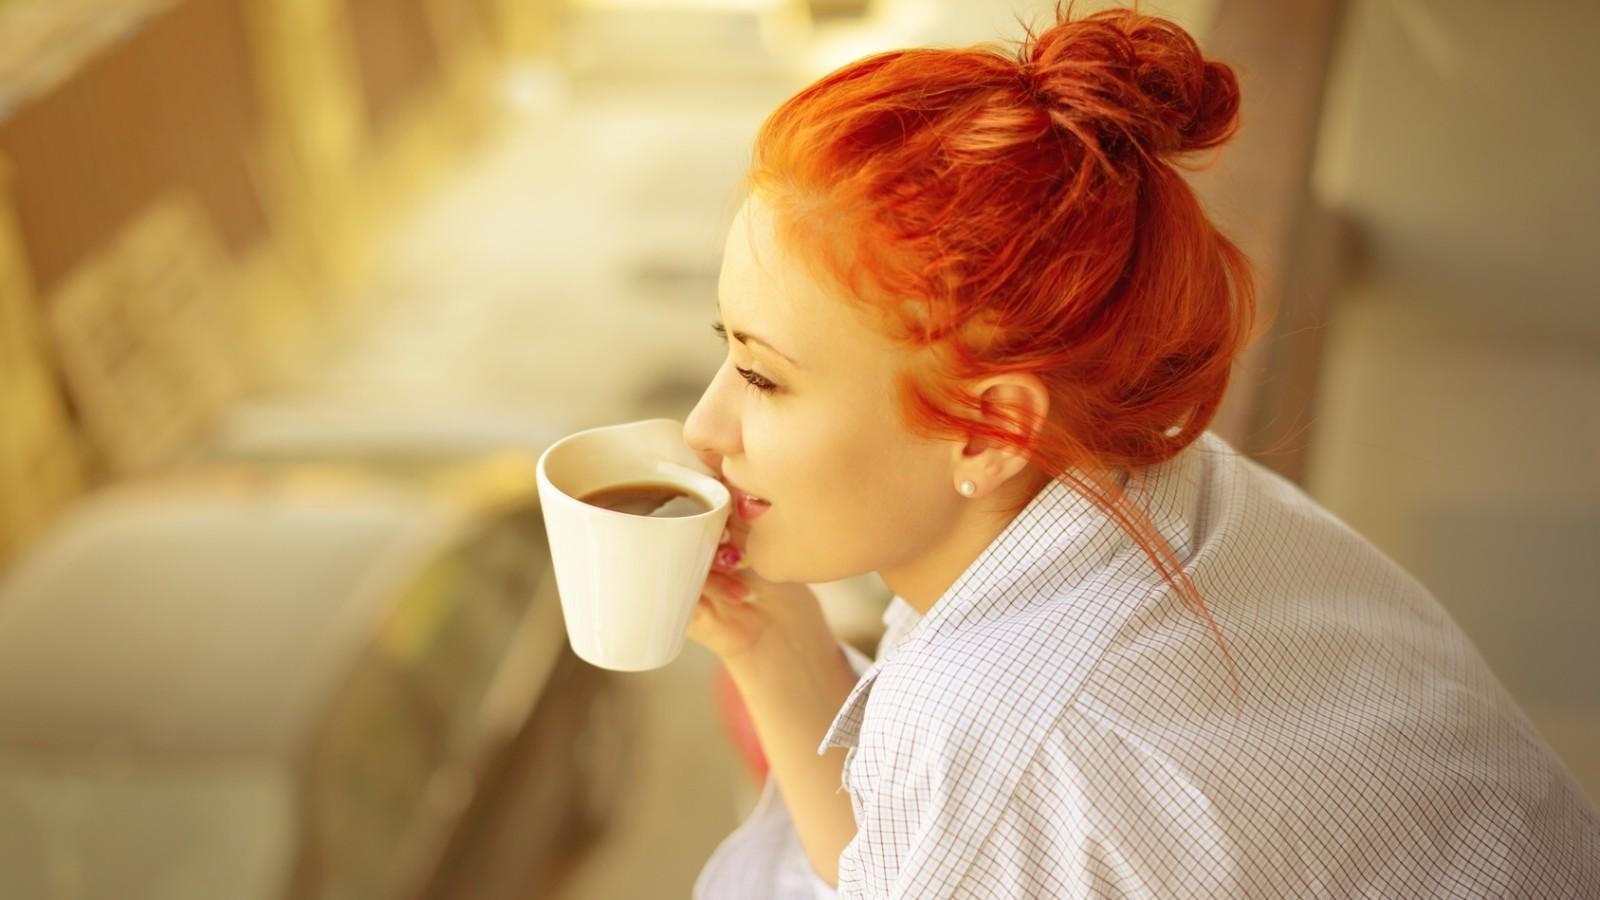 Kafa ima moćne zdravstvene PREDNOSTI: Evo KAKO utiče na vaše TIJELO i MOZAK u samo 6 sati